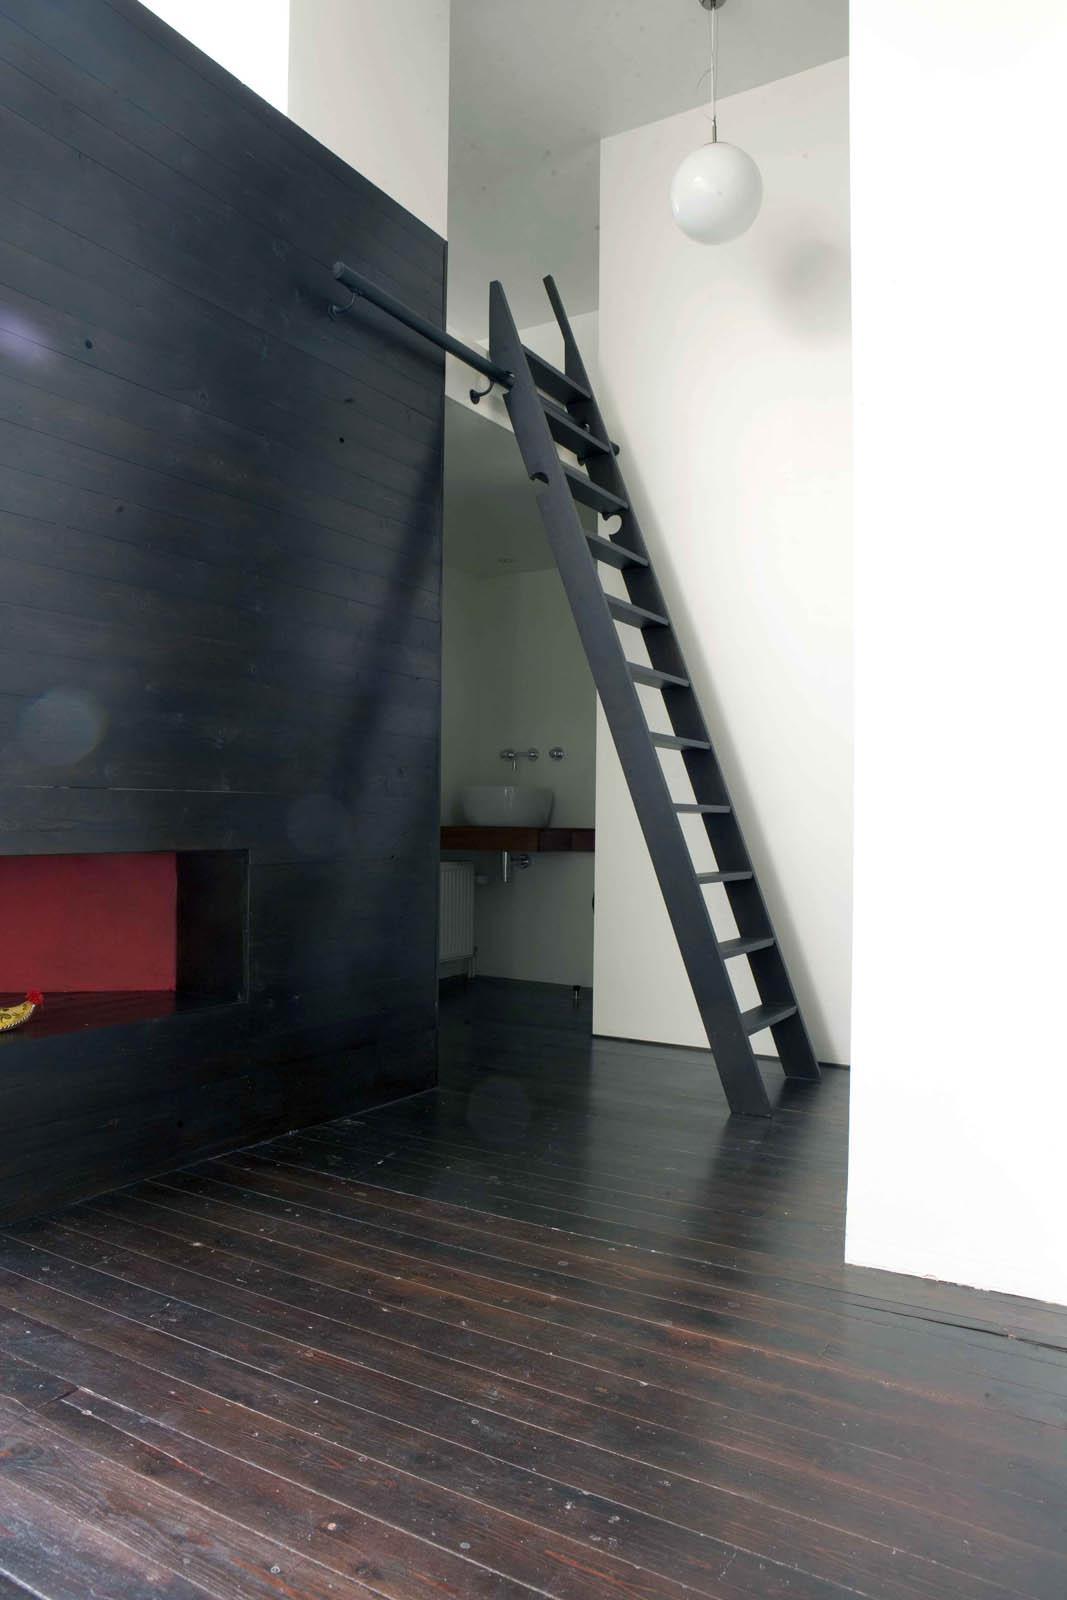 Vide, loft by Jeroen de Nijs